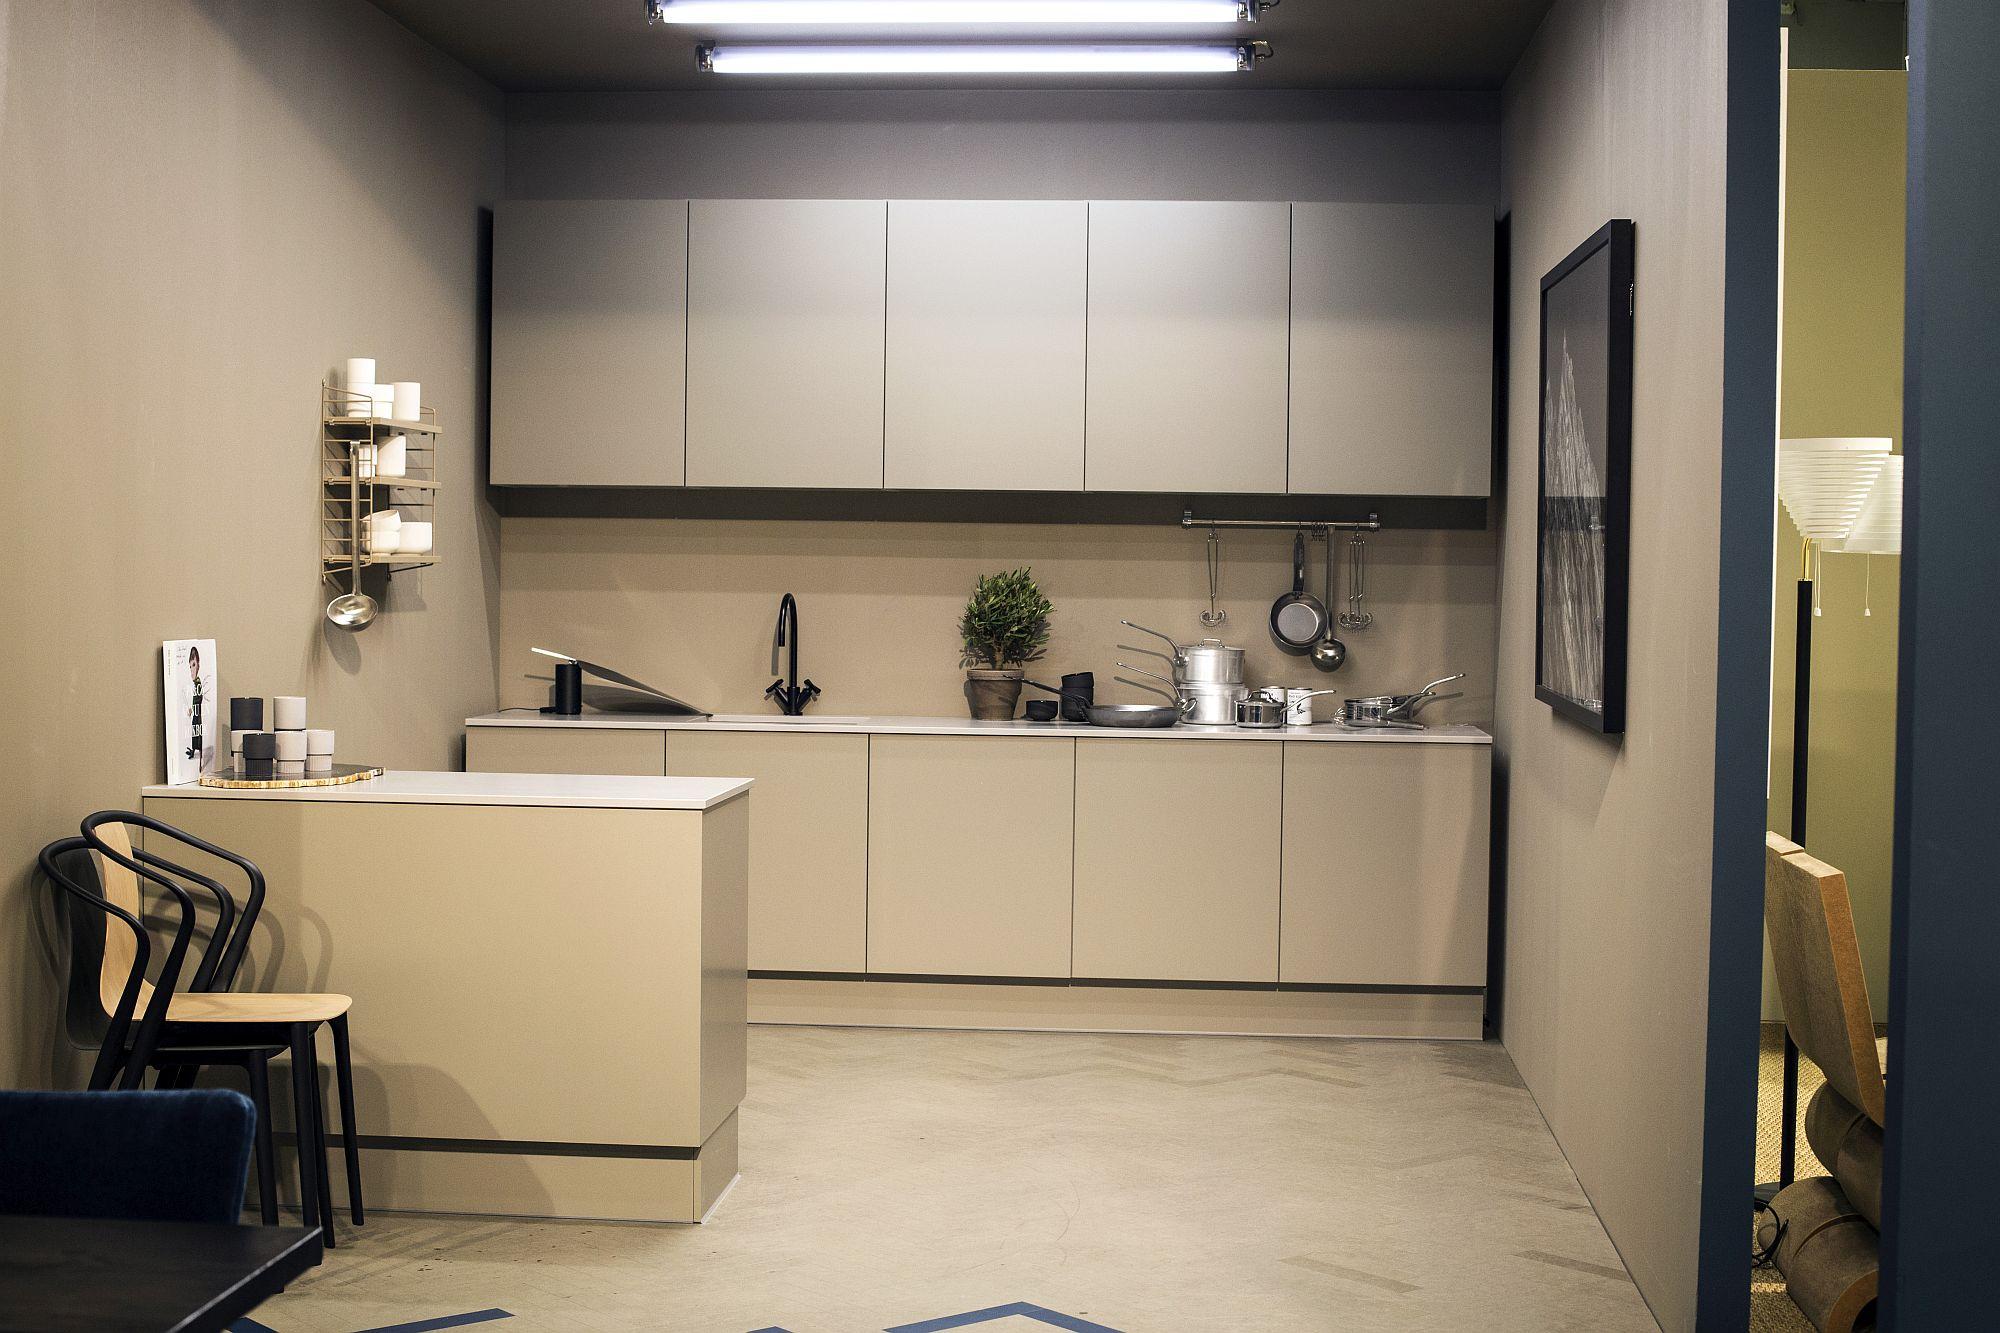 Дизайн интерьера и мебели для маленькой кухни   с функциональной мебелью в пастельных тоннах